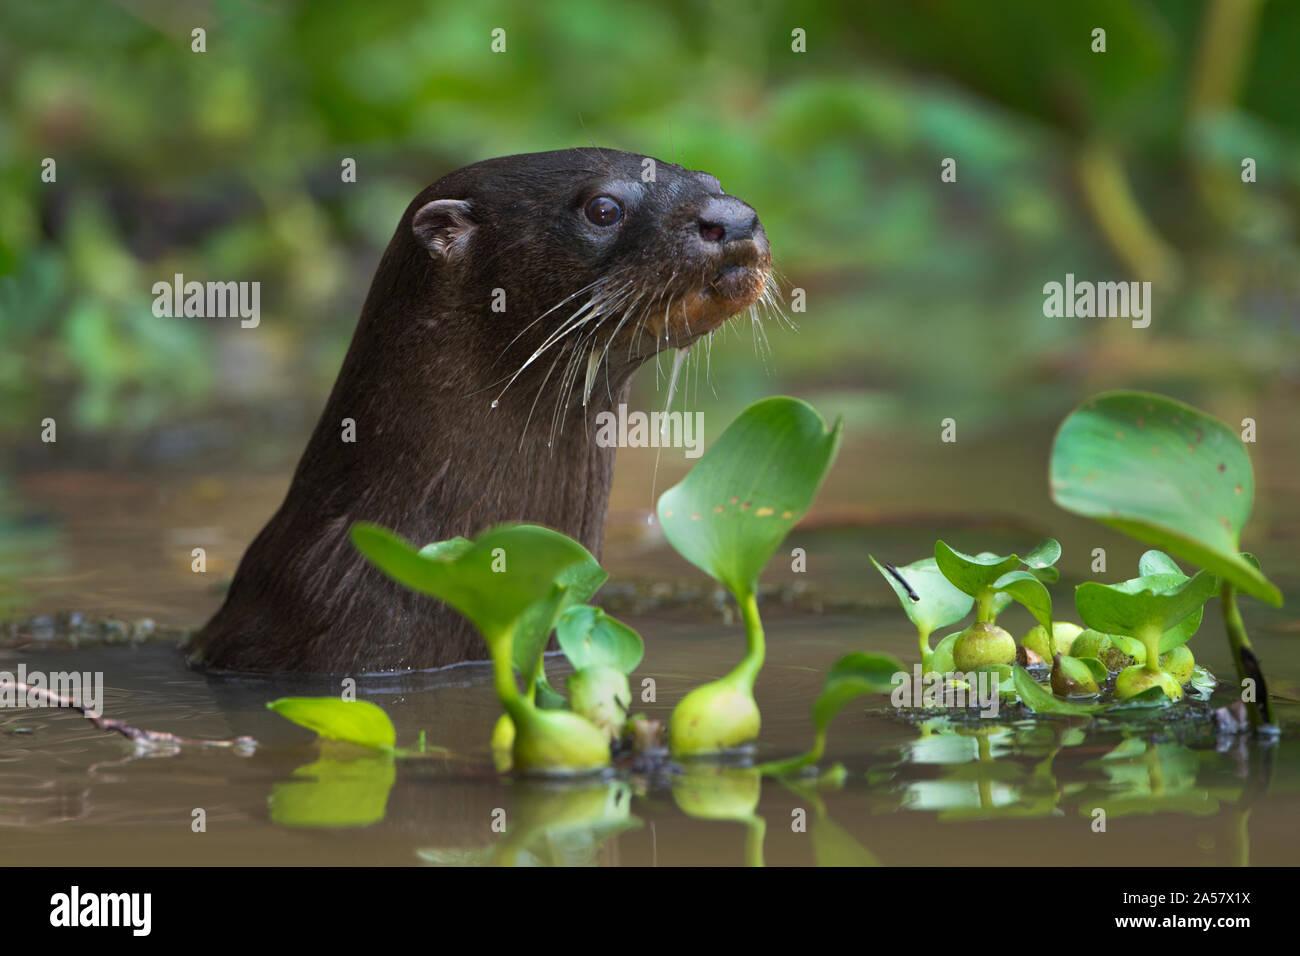 La loutre néotropicale (Lontra longicaudis), les zones humides du Pantanal, Brésil Banque D'Images